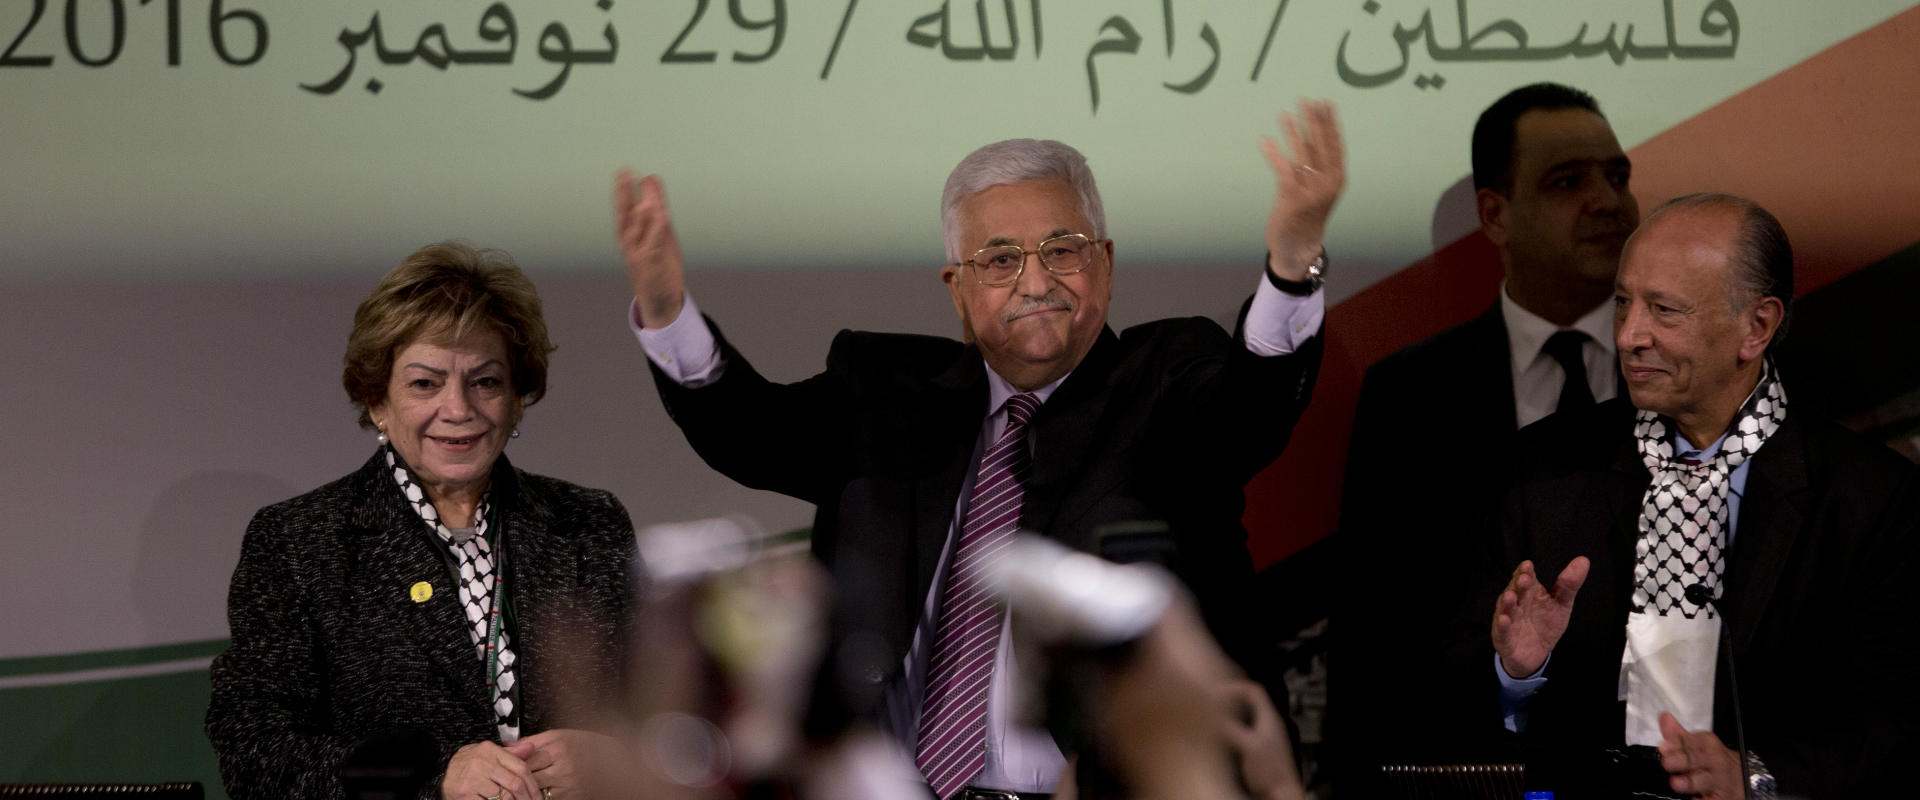 """יו""""ר הרשות הפלסטינית, מחמוד עבאס, בכינוס הפת""""ח"""